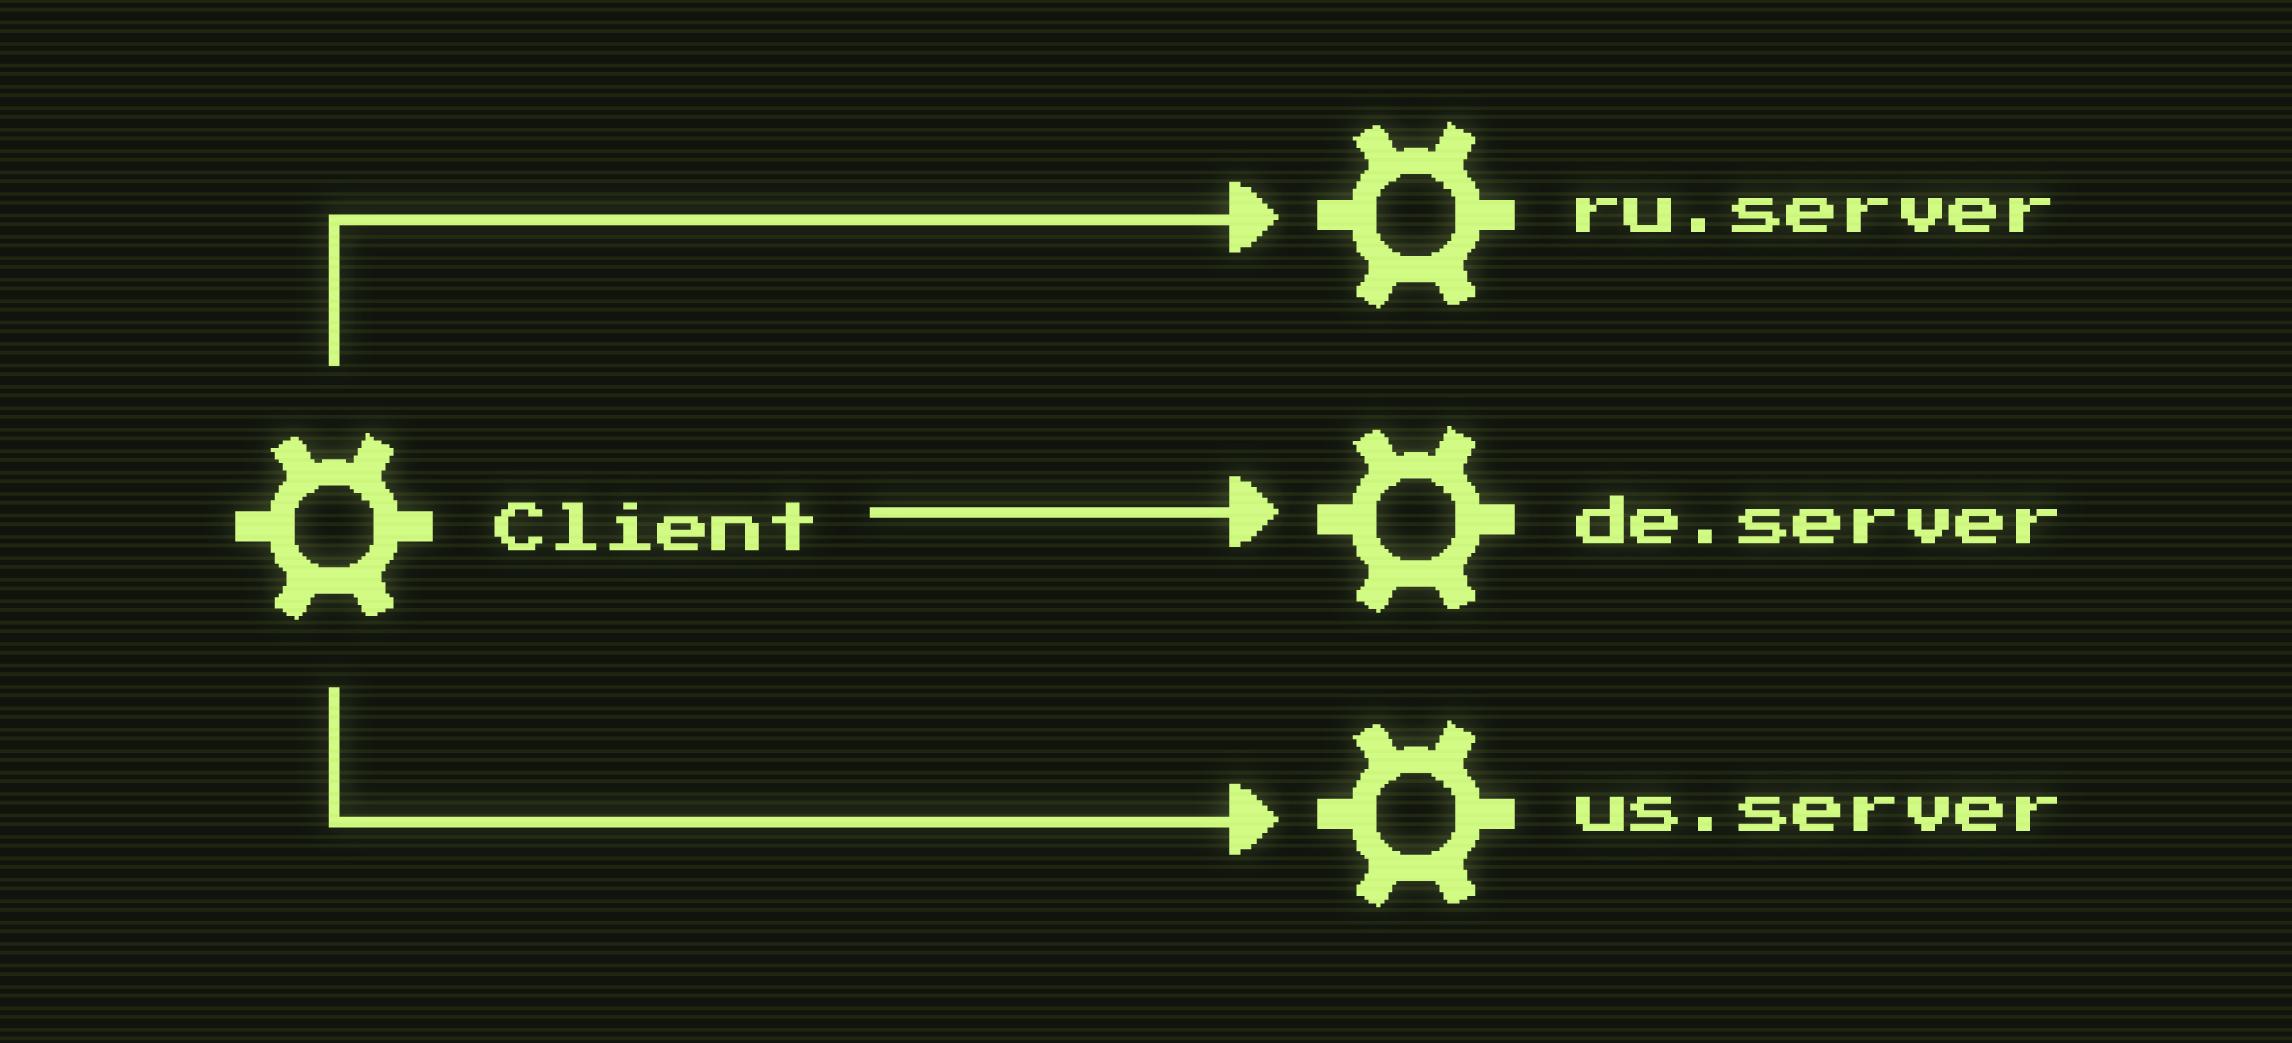 Повышаем надёжность HttpClient'а в .NET Core или как ошибиться в 3 строках кода 4 раза - 2